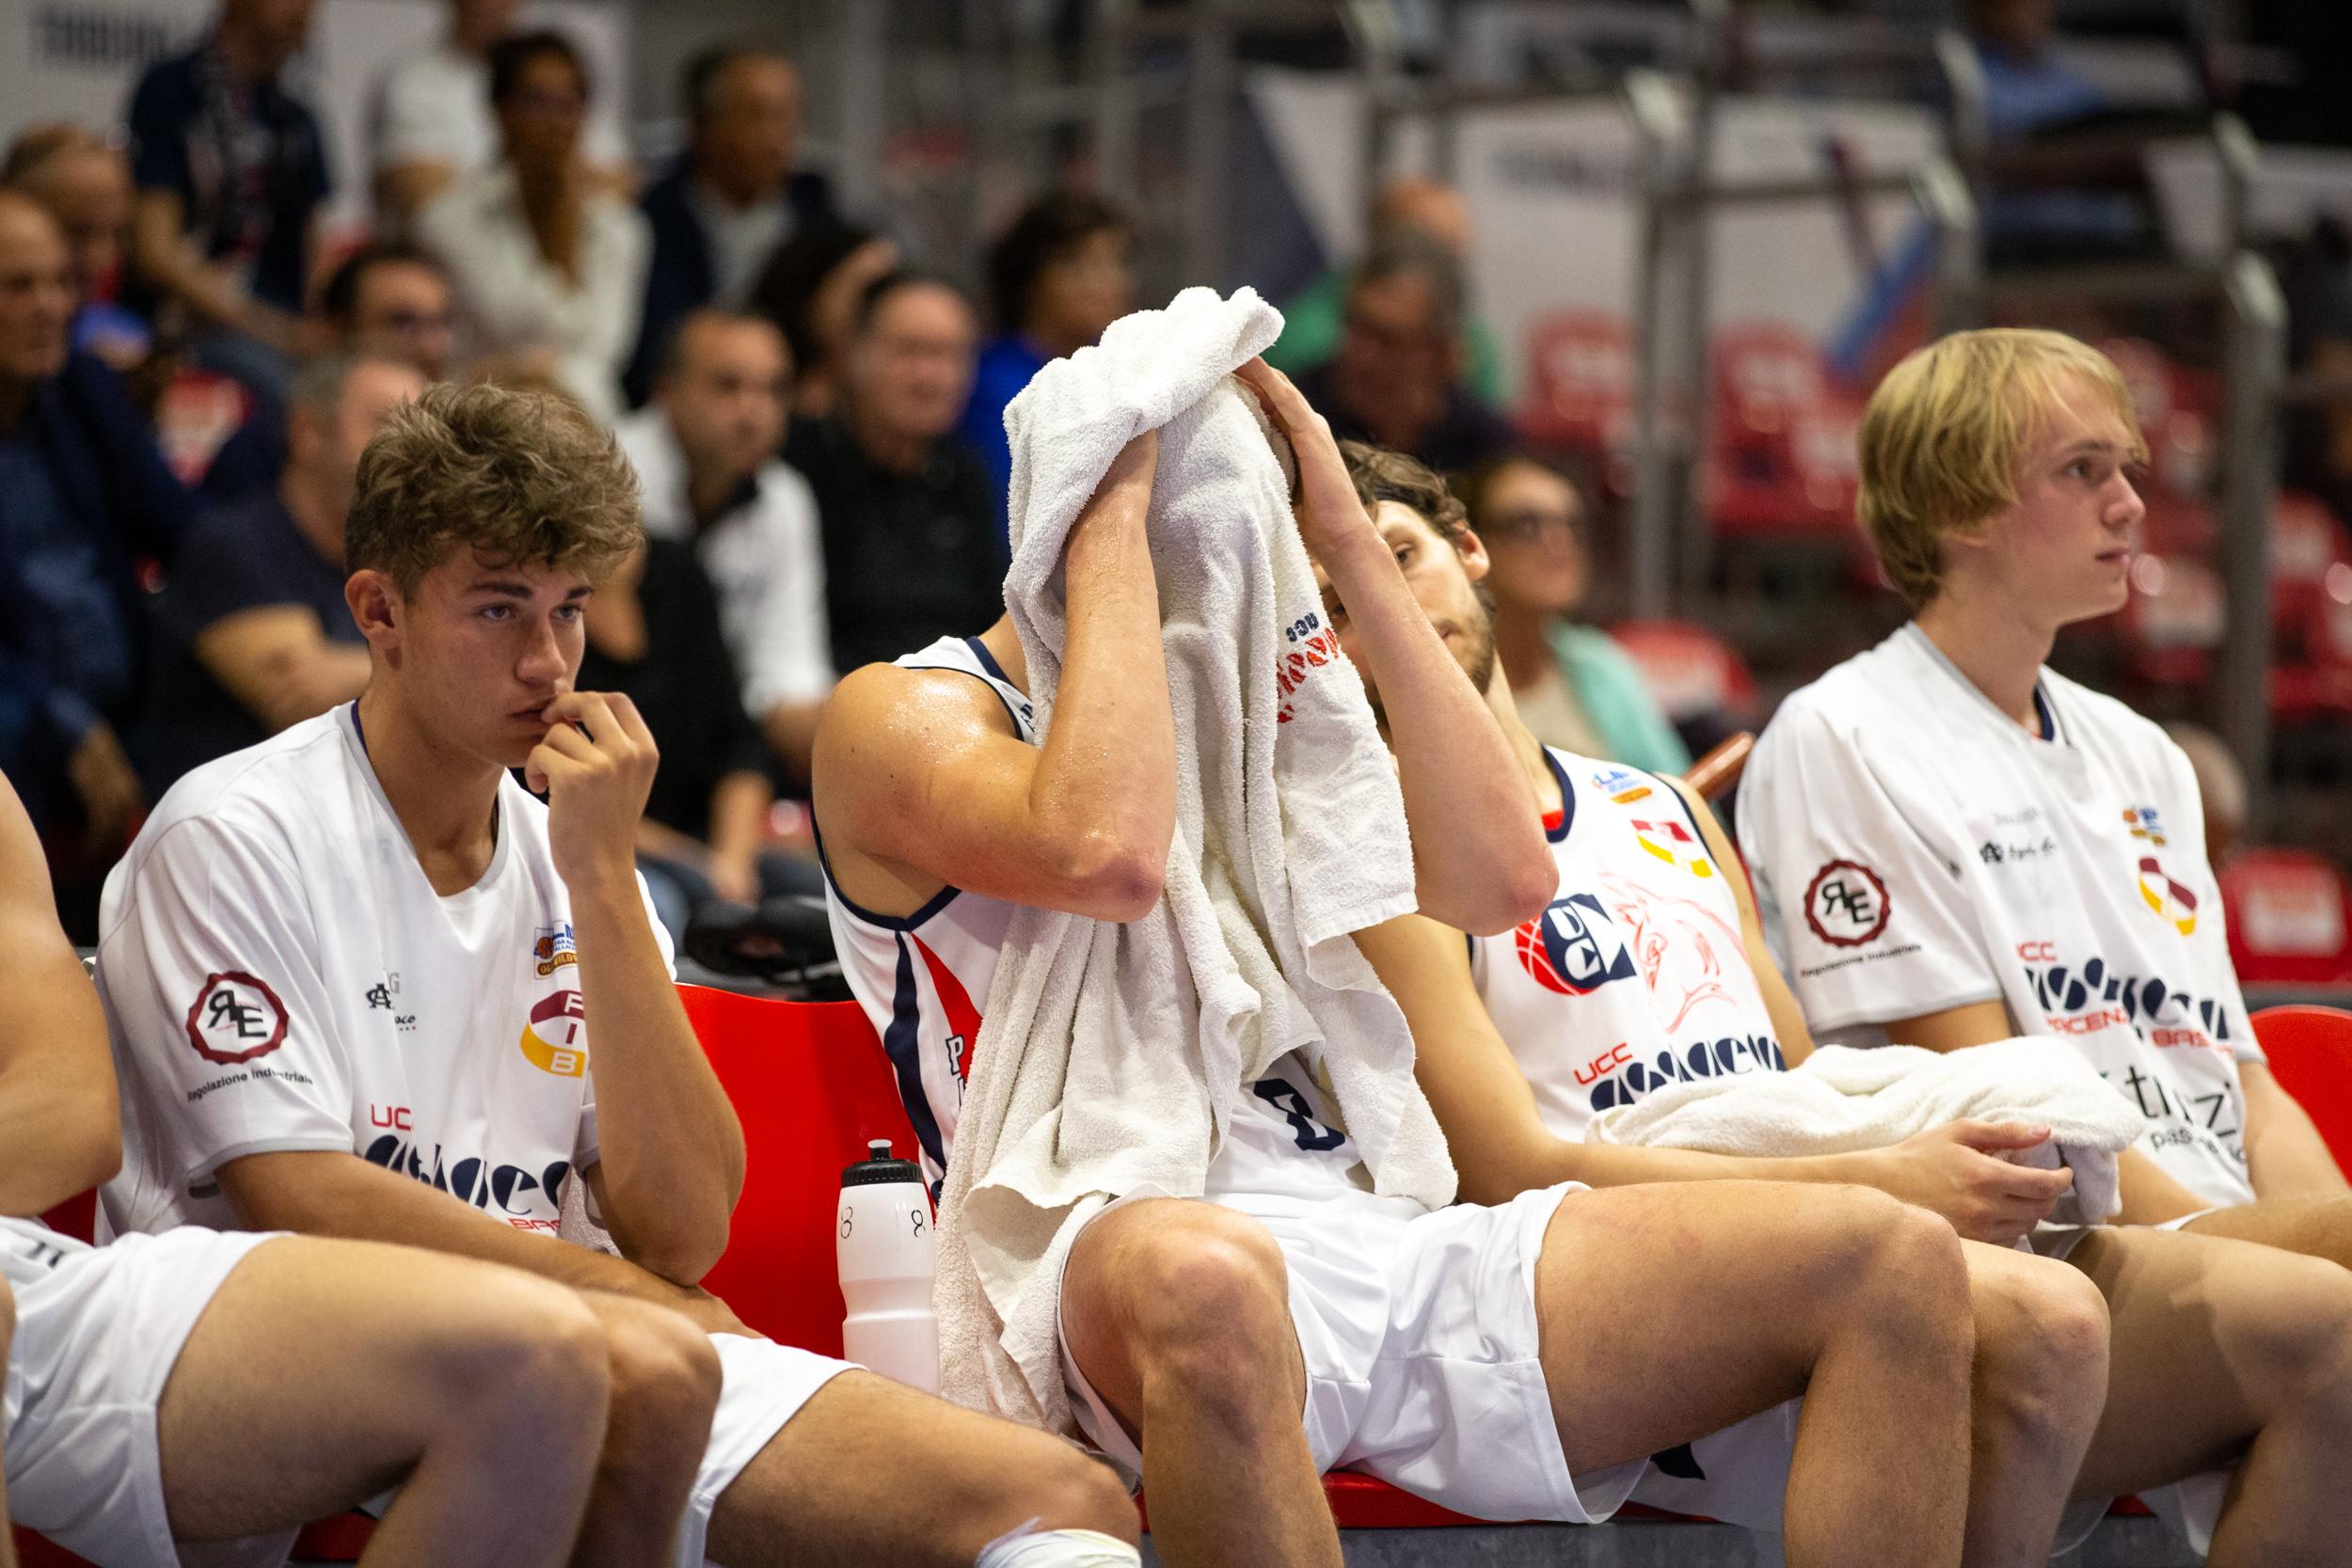 Il campionato nazionale di basket non si concluderà. Il comunicato della FIP